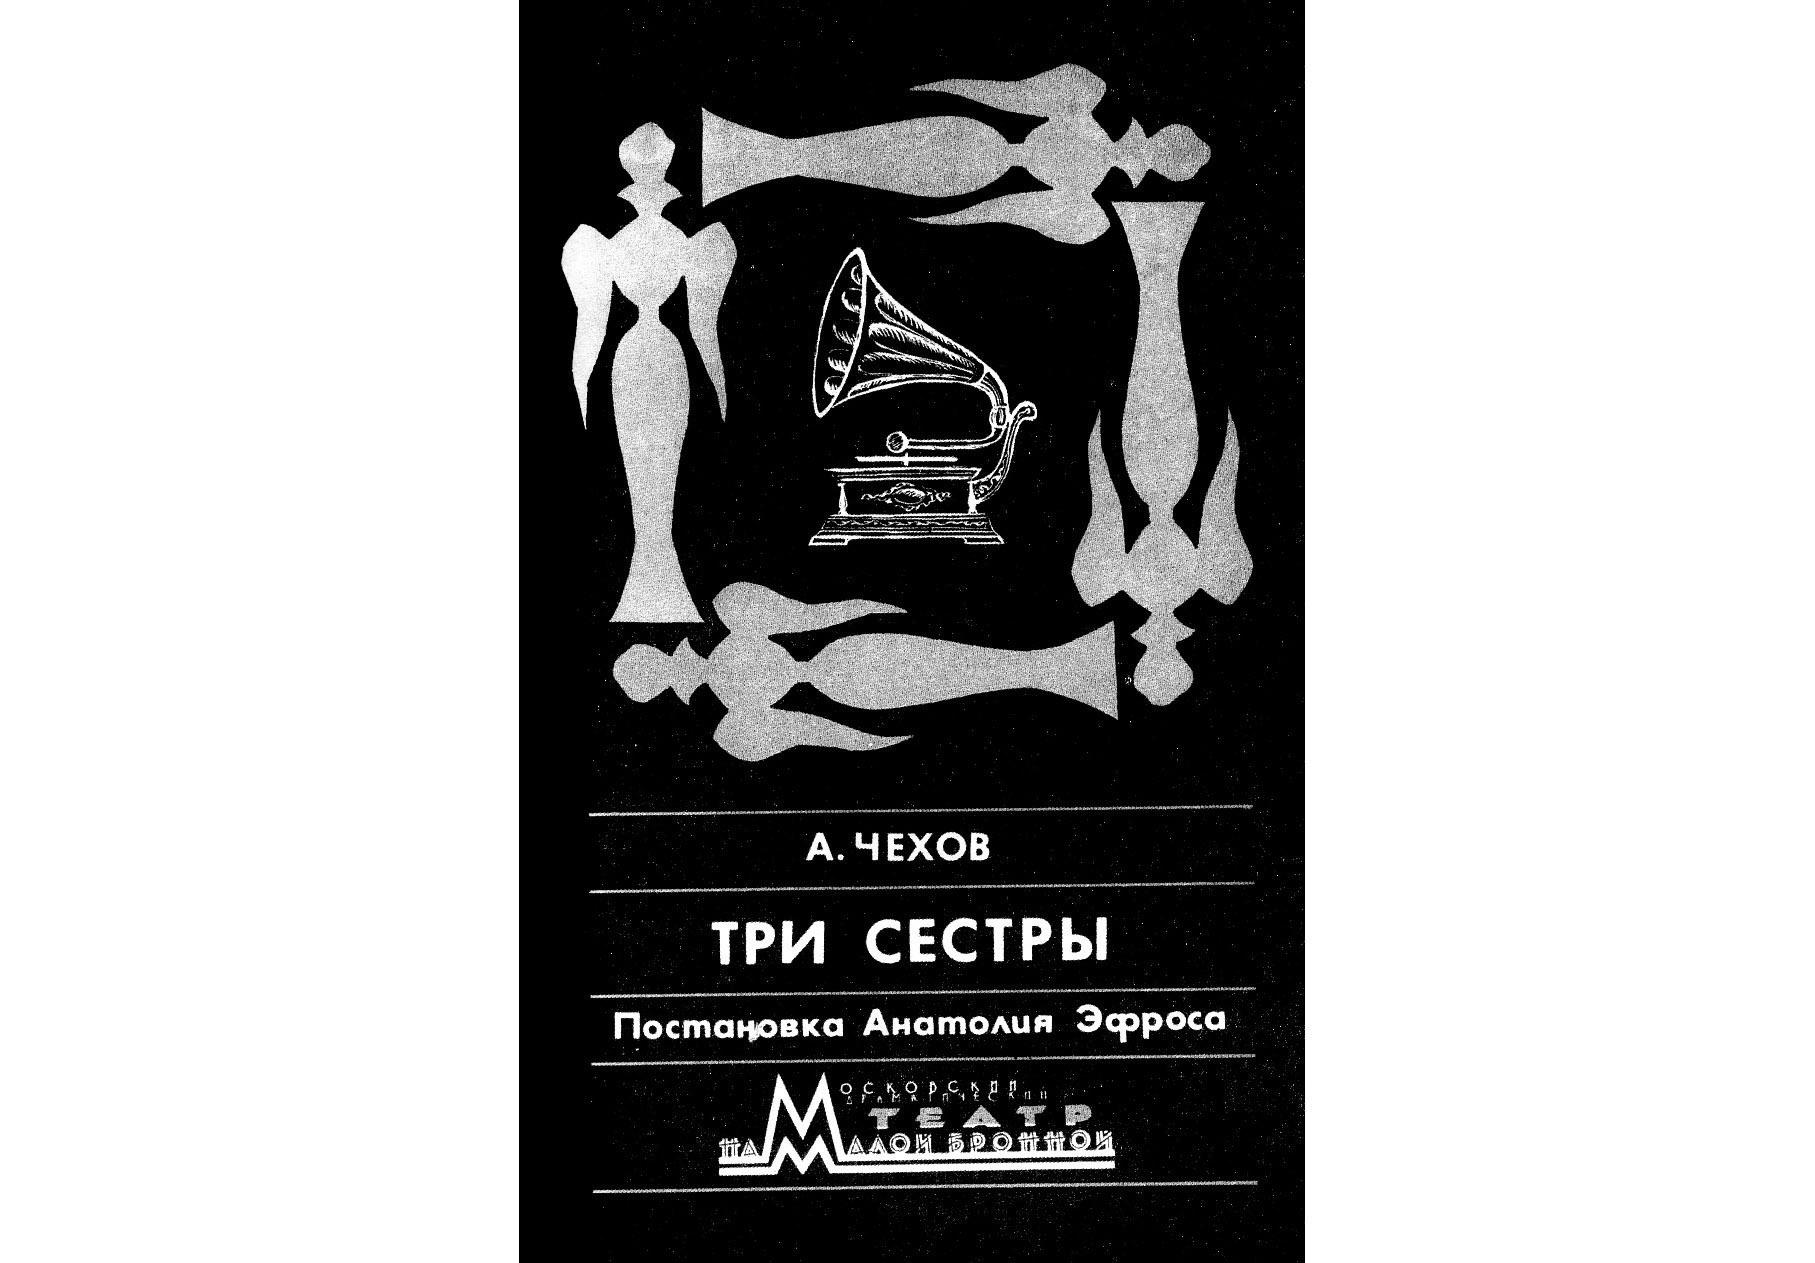 АНАТОЛИЙ ЭФРОС. «ТРИ СЕСТРЫ»